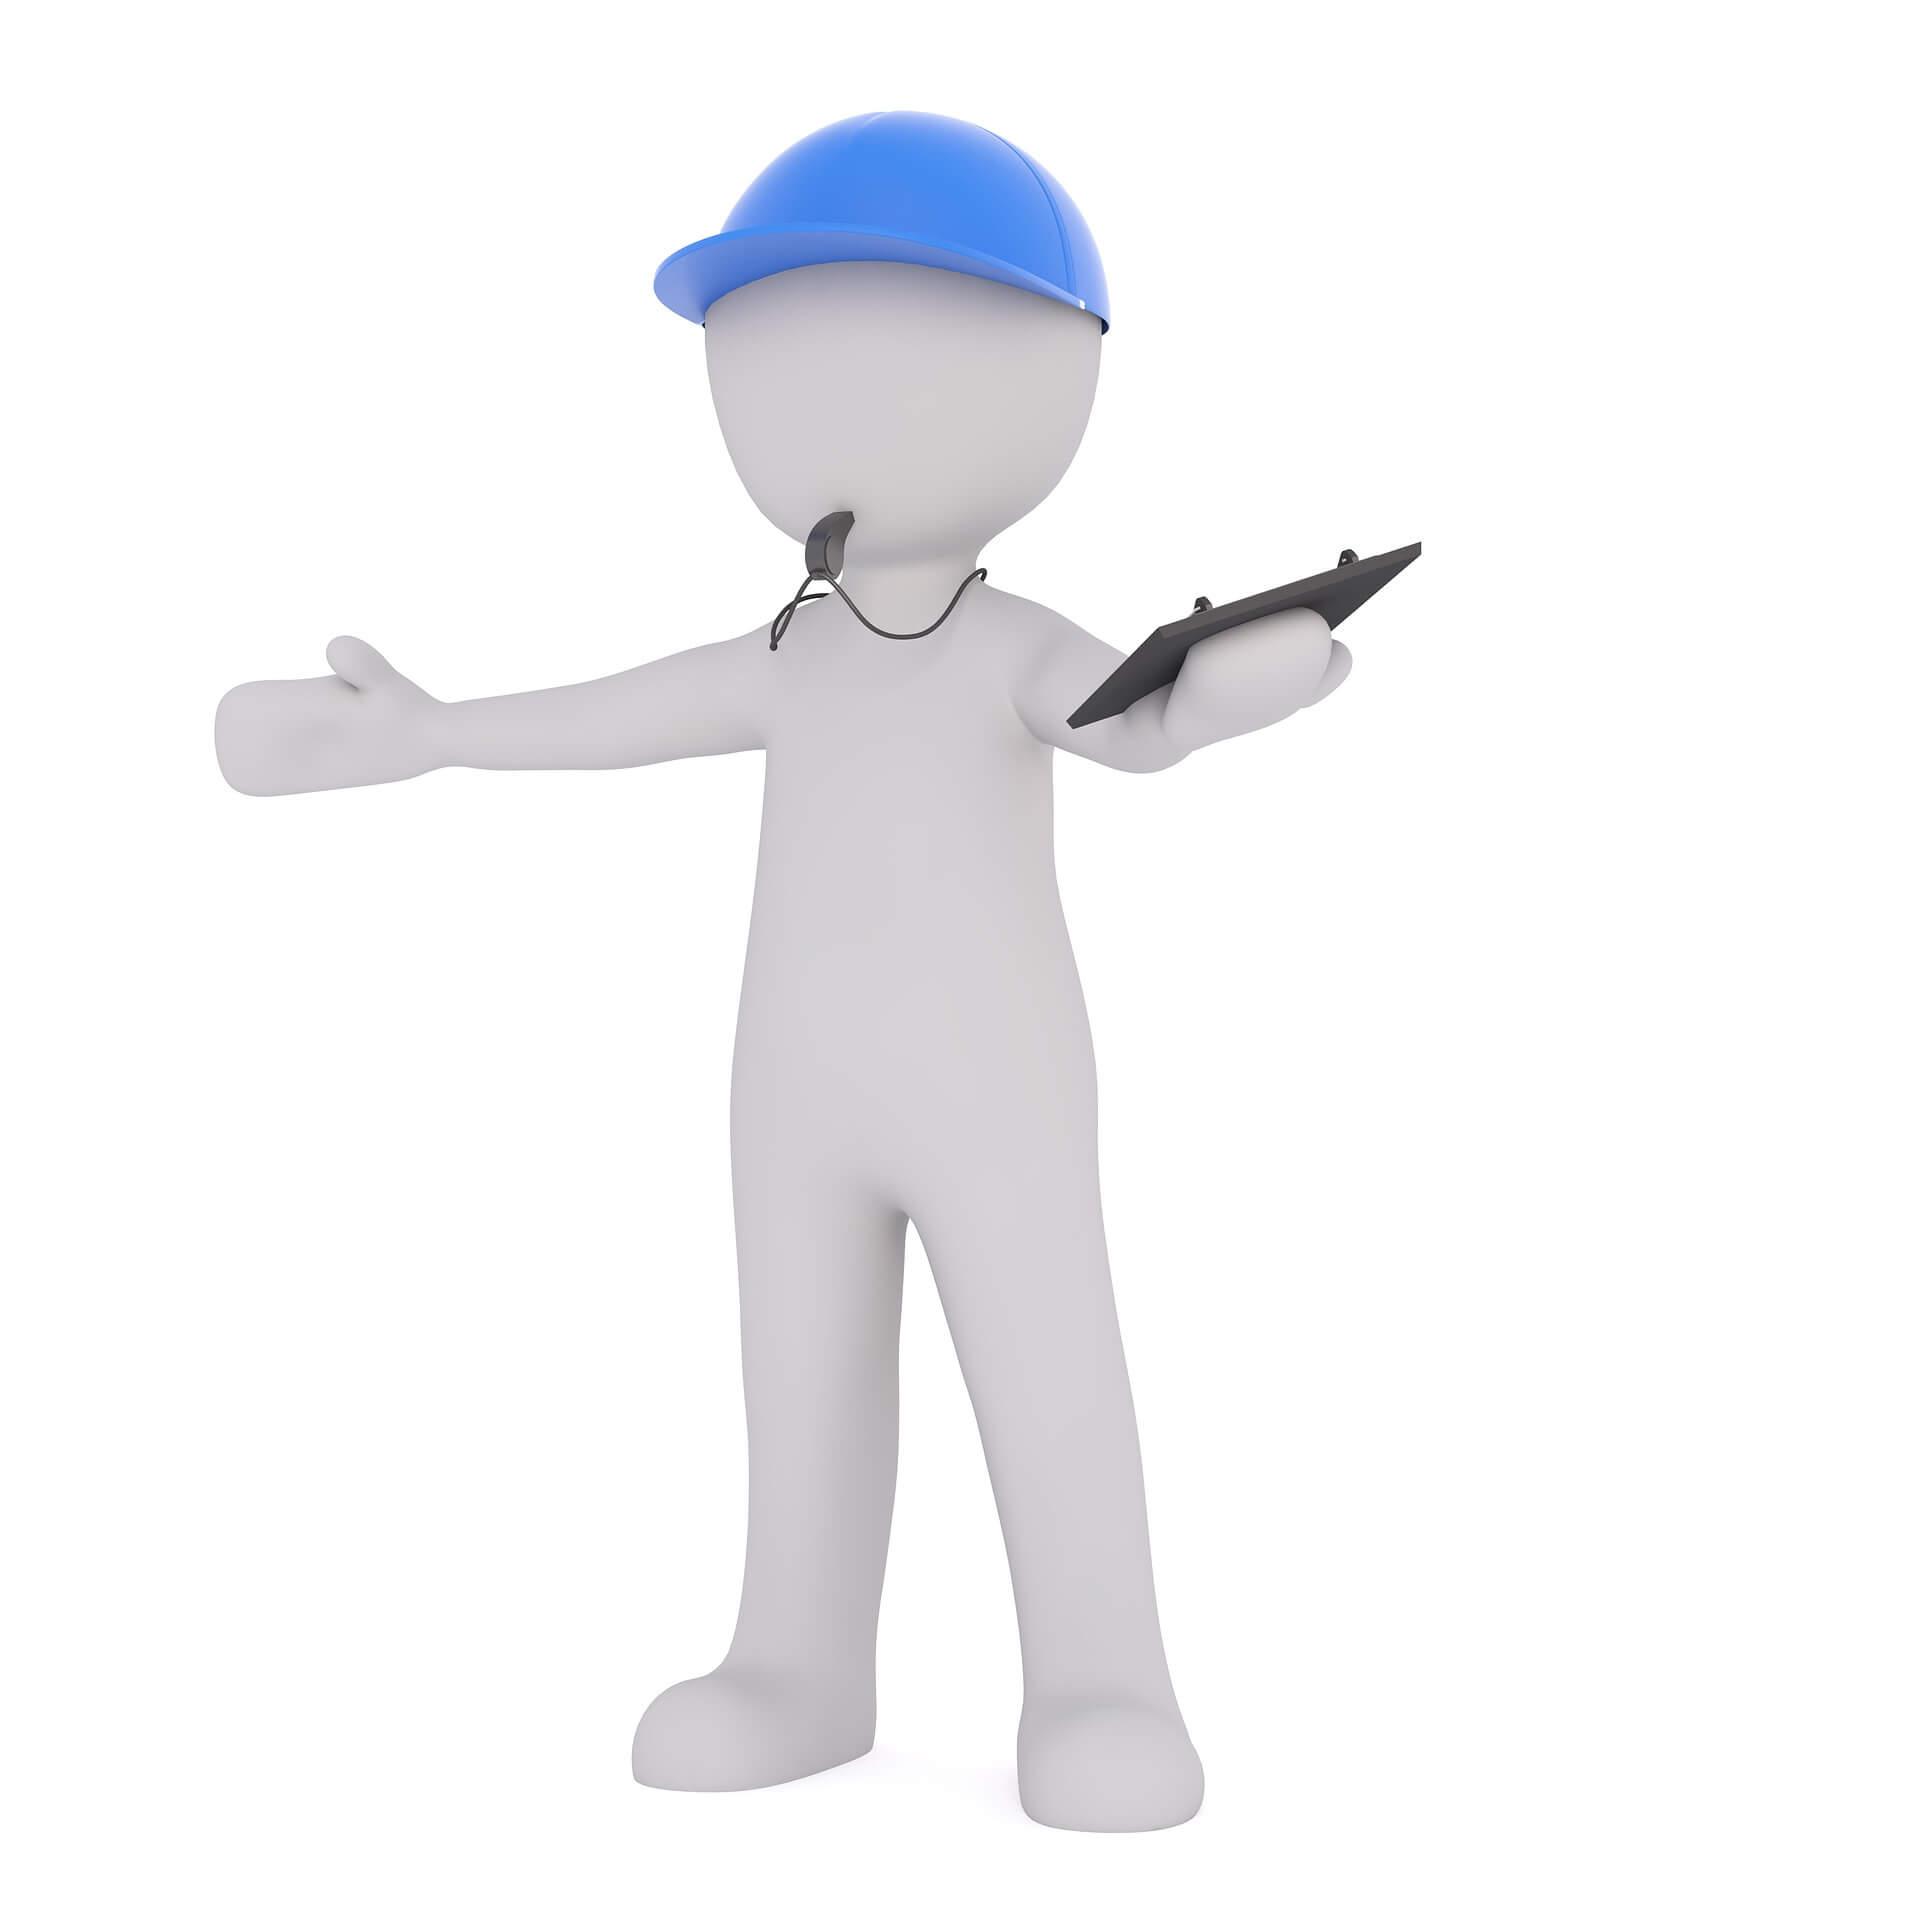 労働基準監督署の基本的な4つの役割